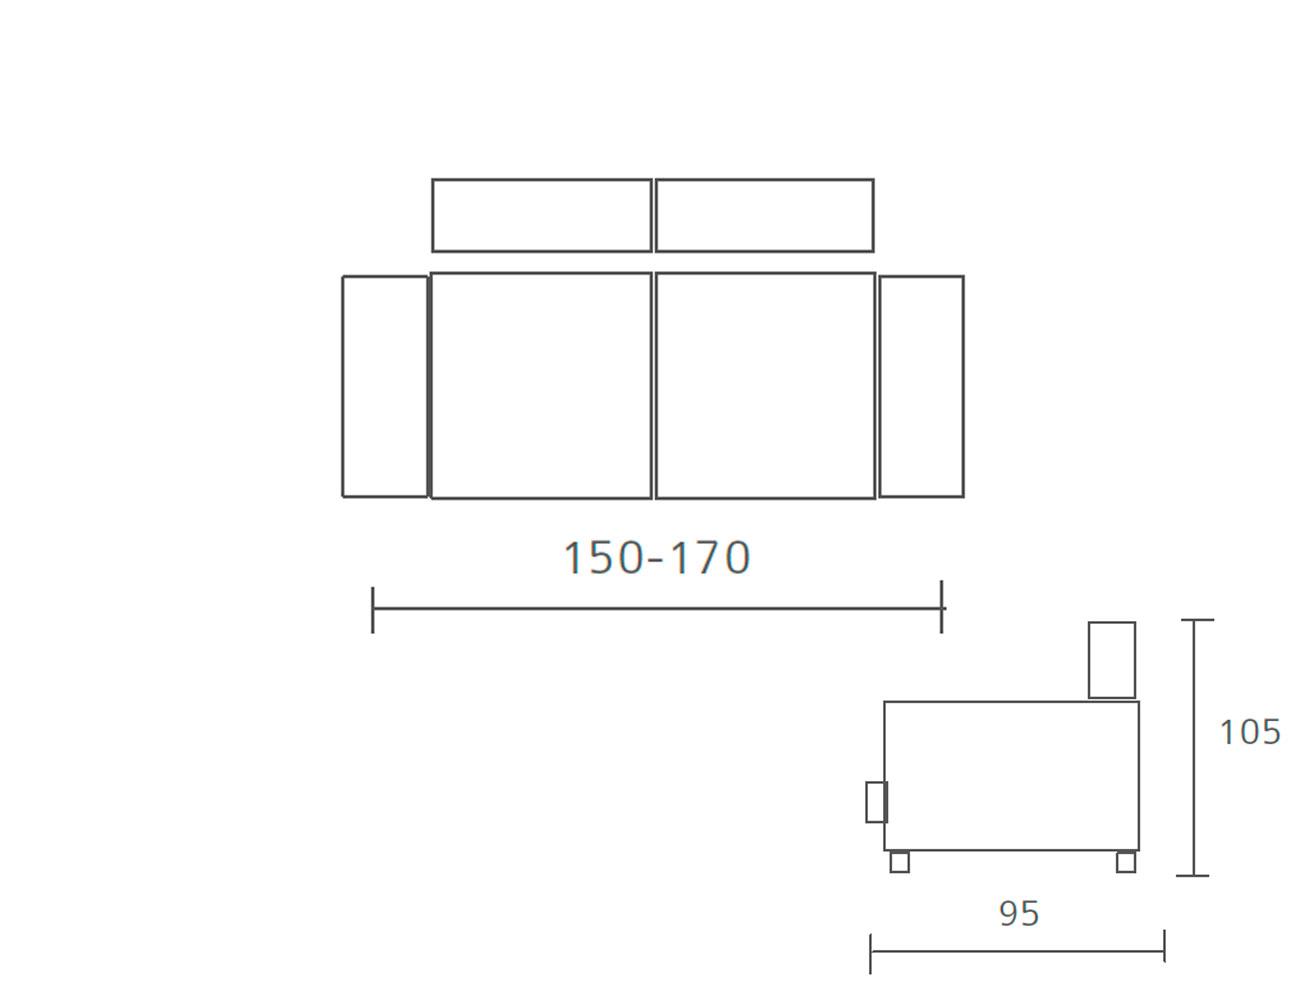 Sofa pedro ortiz fijo 2 plazas 150 1702